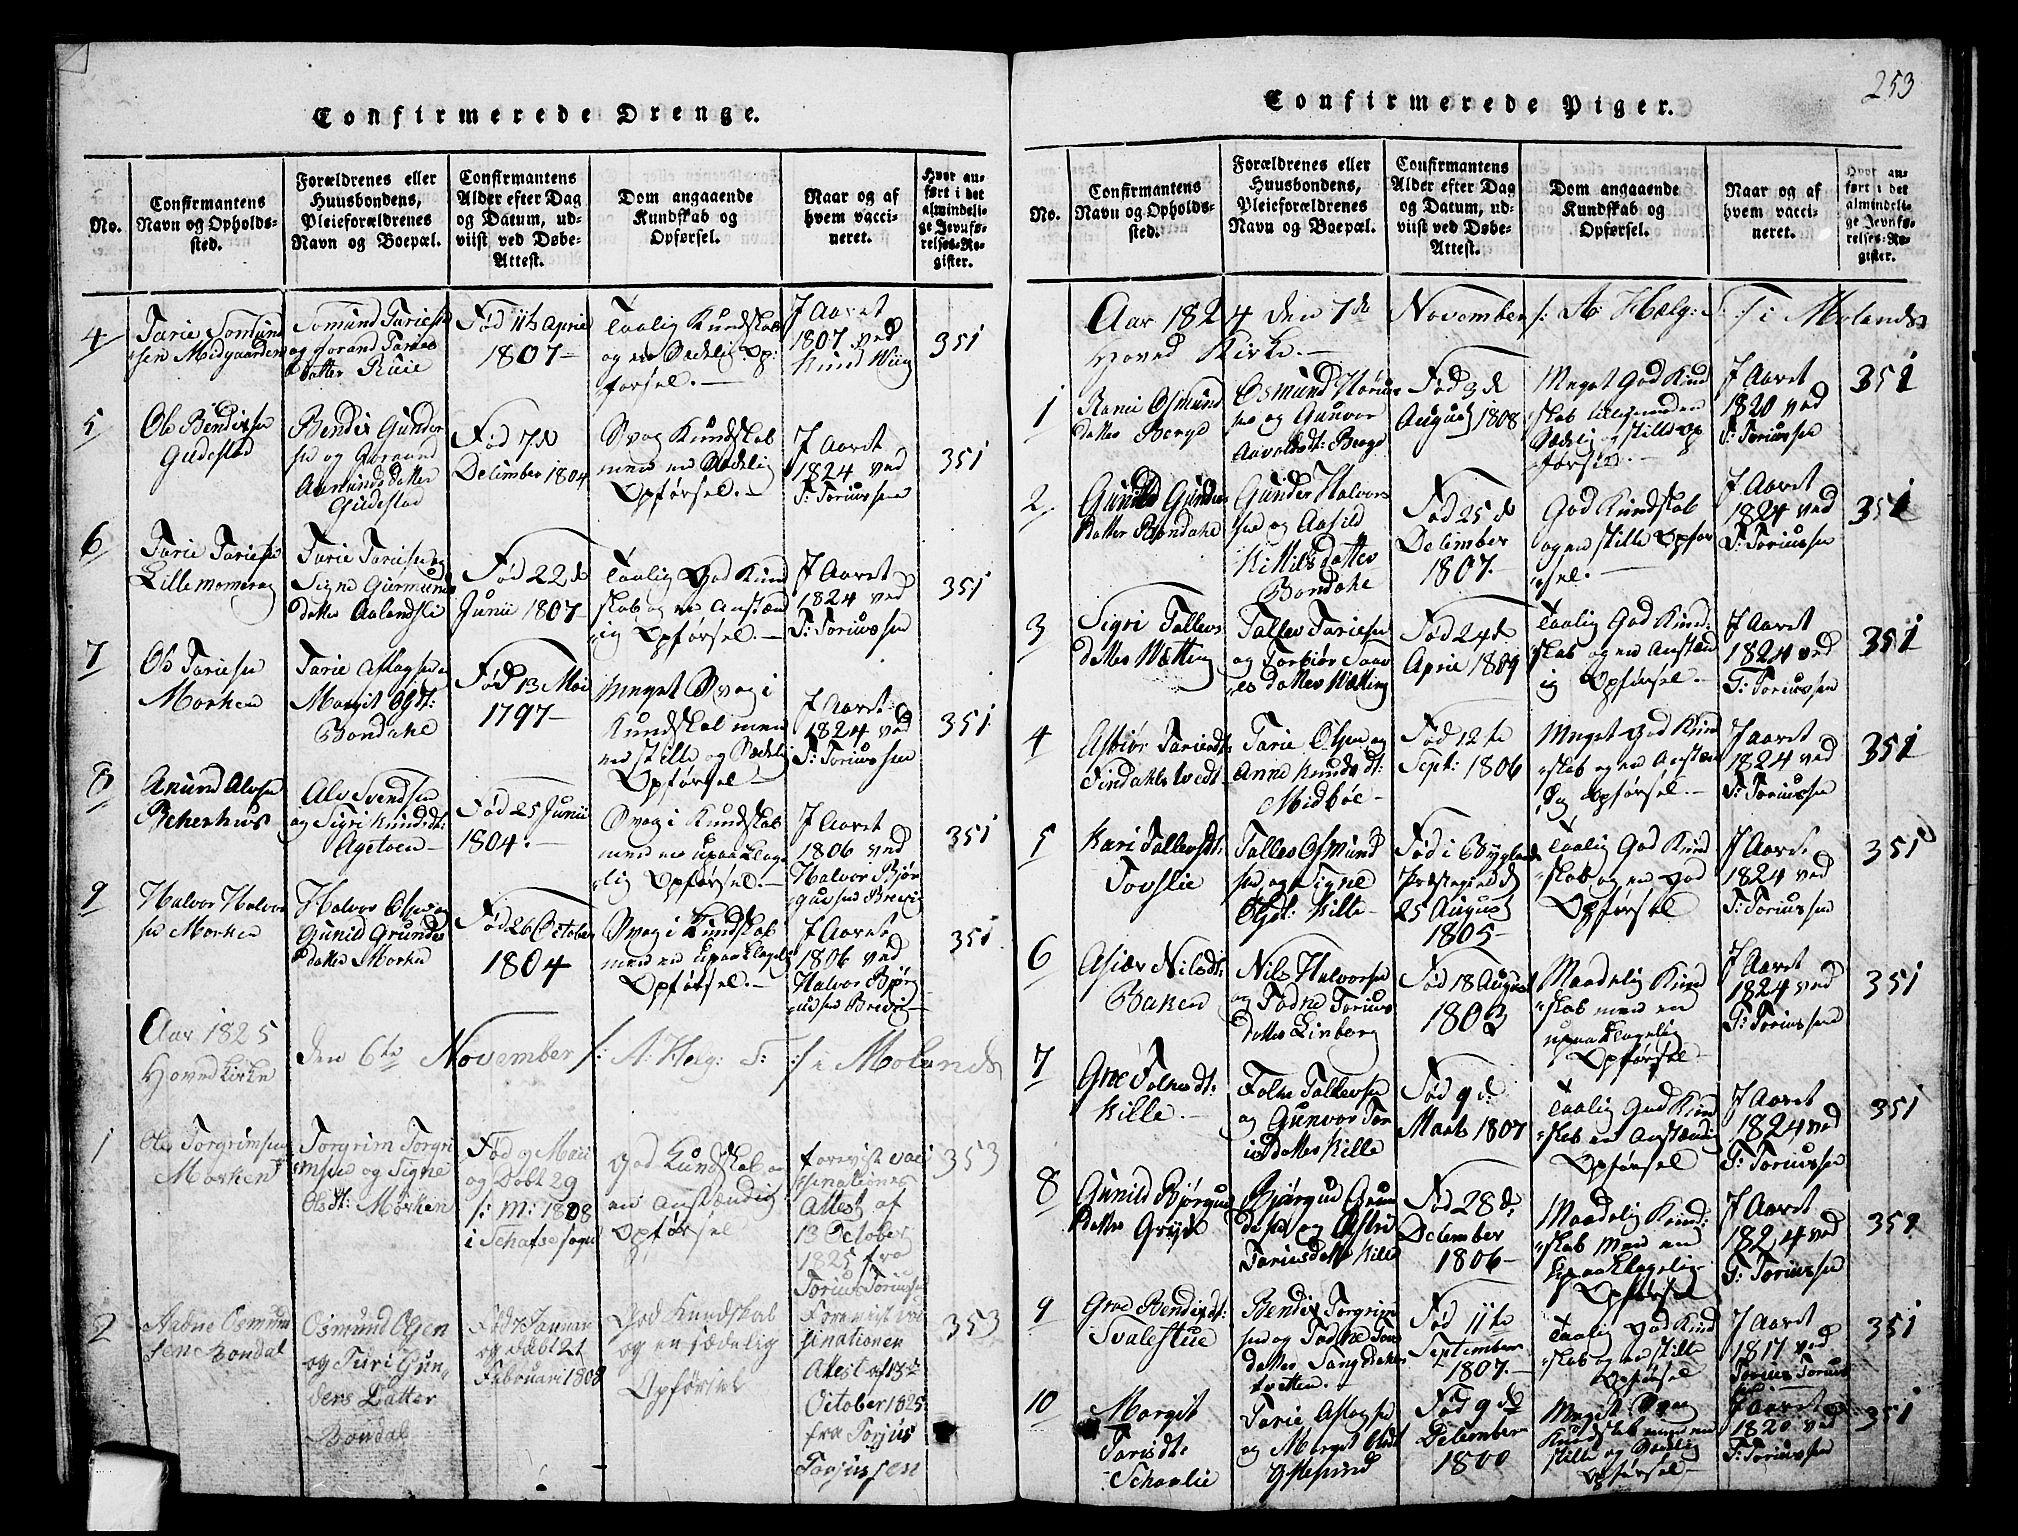 SAKO, Fyresdal kirkebøker, G/Ga/L0001: Klokkerbok nr. I 1, 1816-1840, s. 253